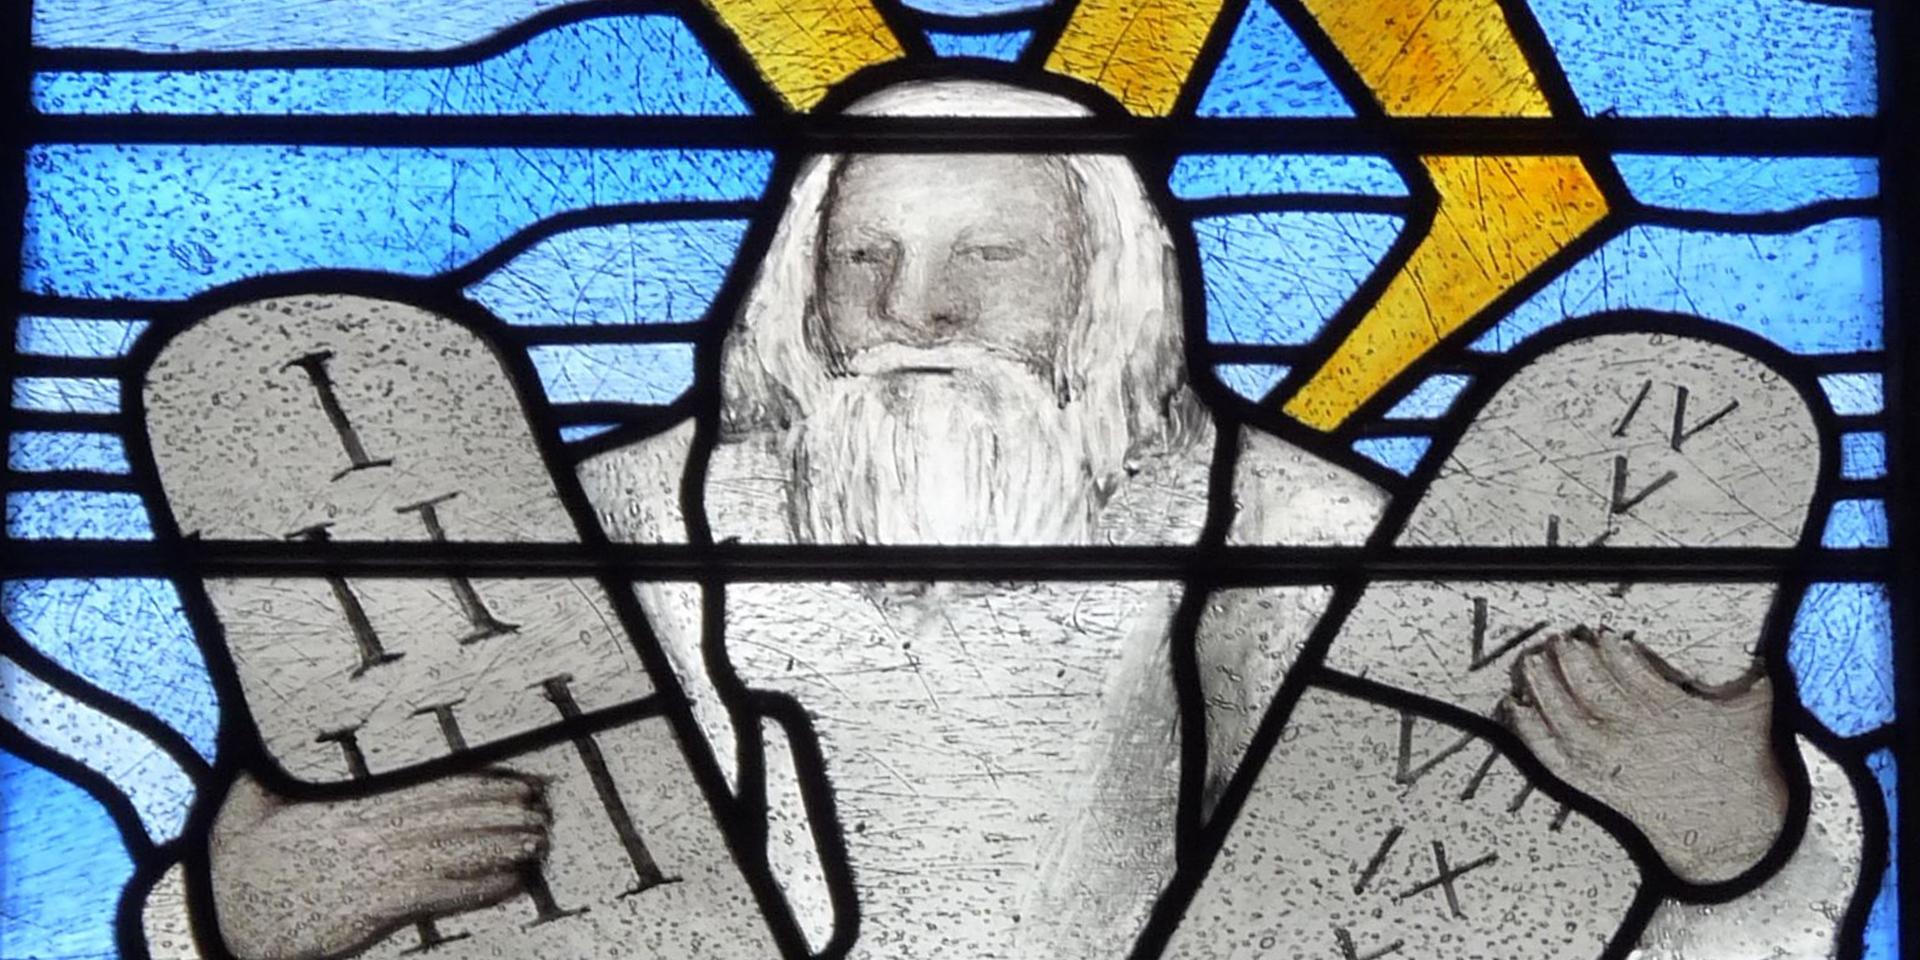 Glasfenster: Mose empfängt die zehn Gebote,© pixabay/falco